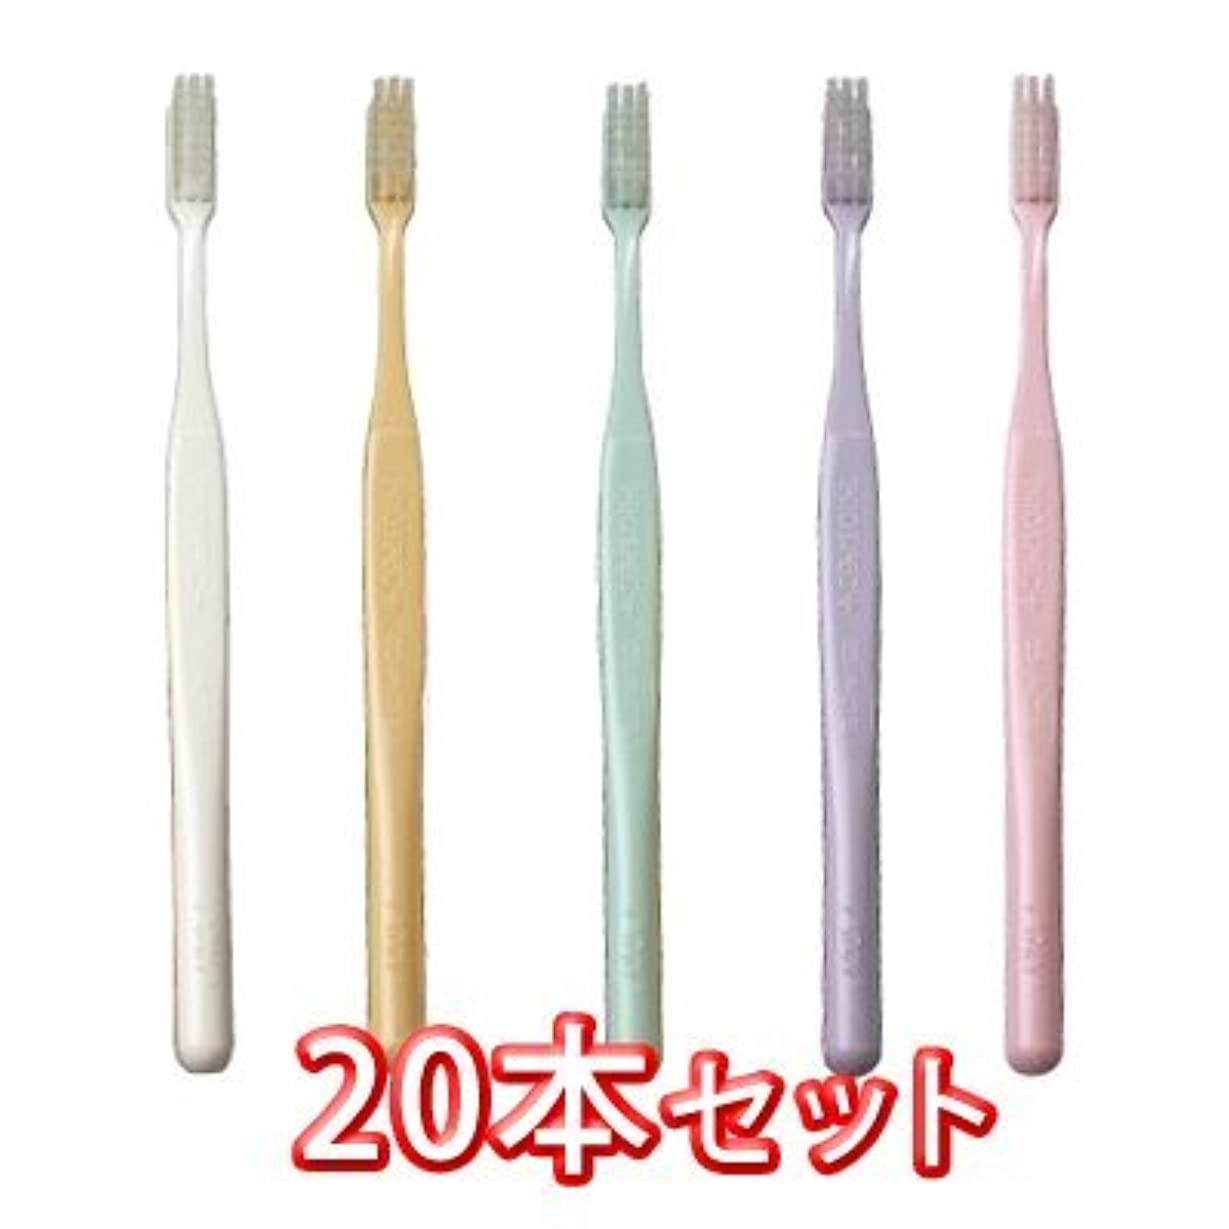 レクリエーションステープルでるプロスペック 歯ブラシ プラス コンパクトスリム 20本入 ふつう色 M ふつう